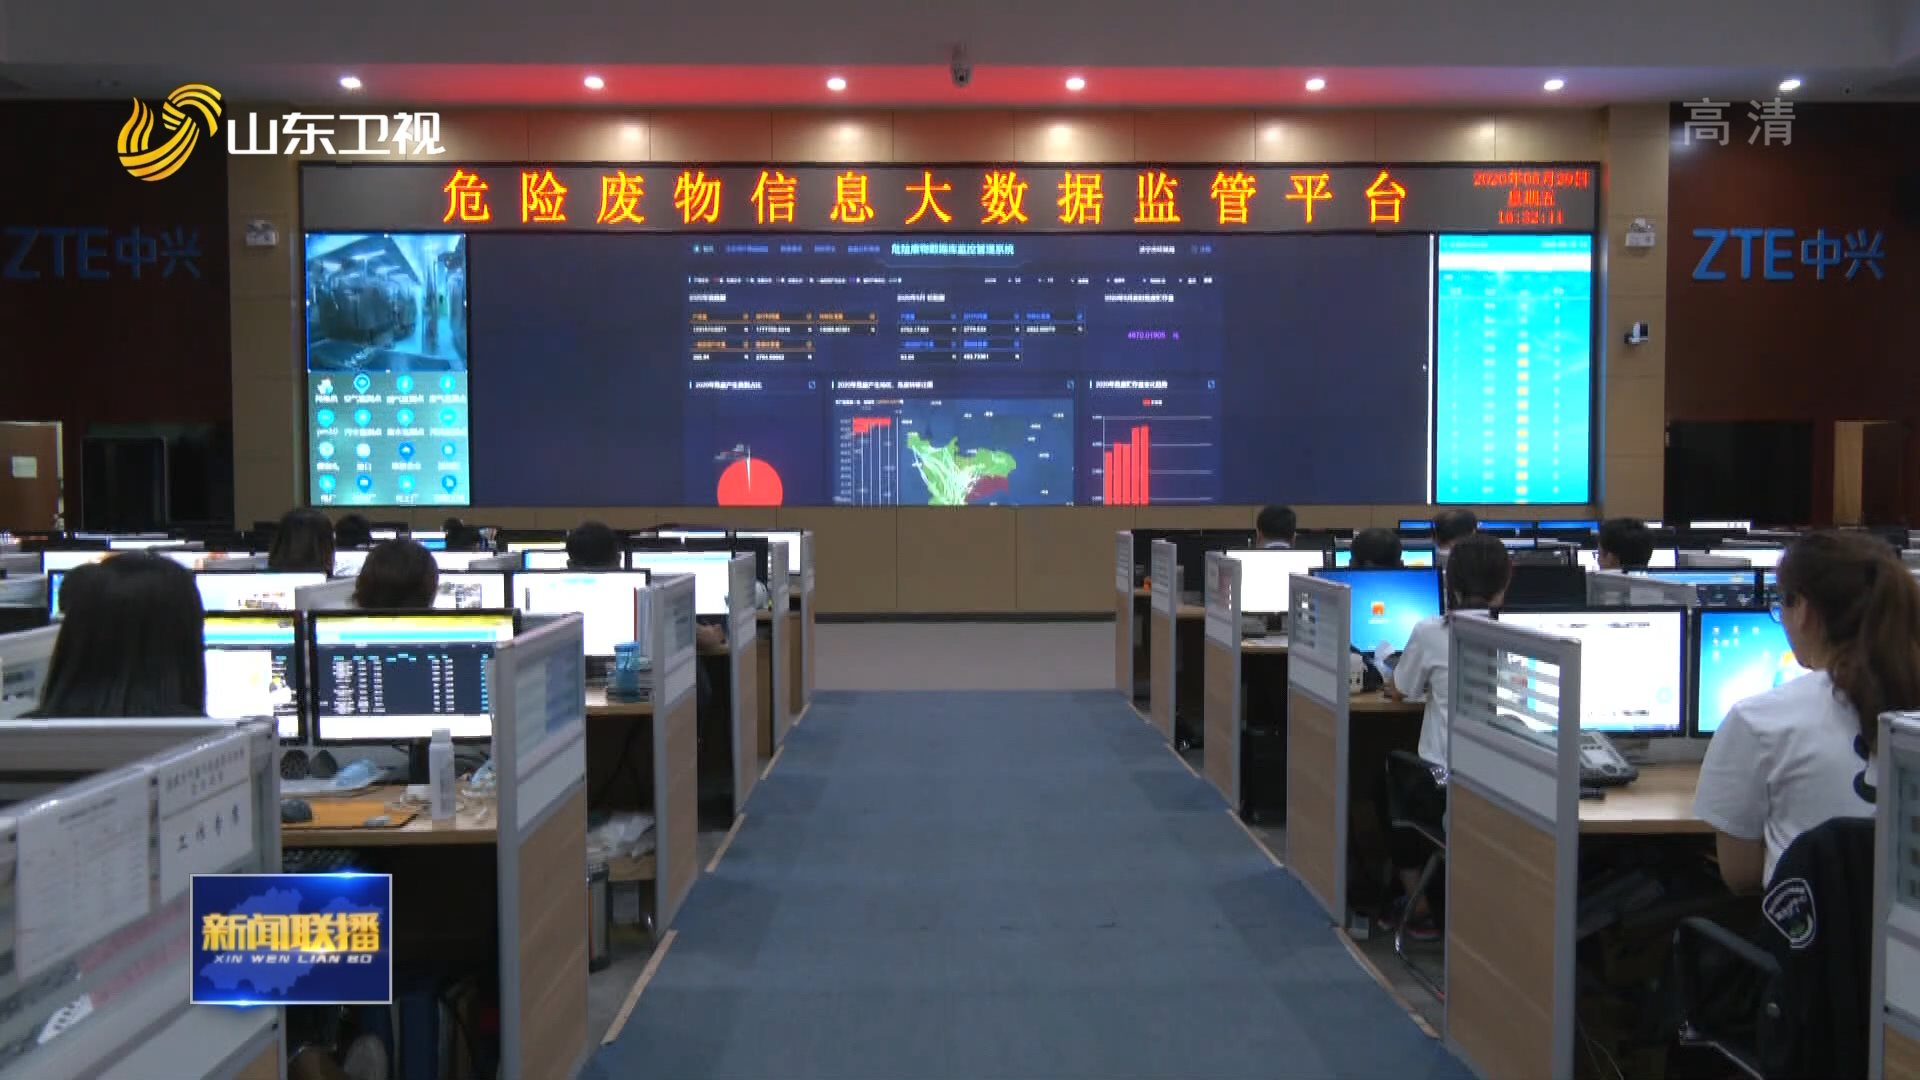 全省首家危废监管平台在济宁上线